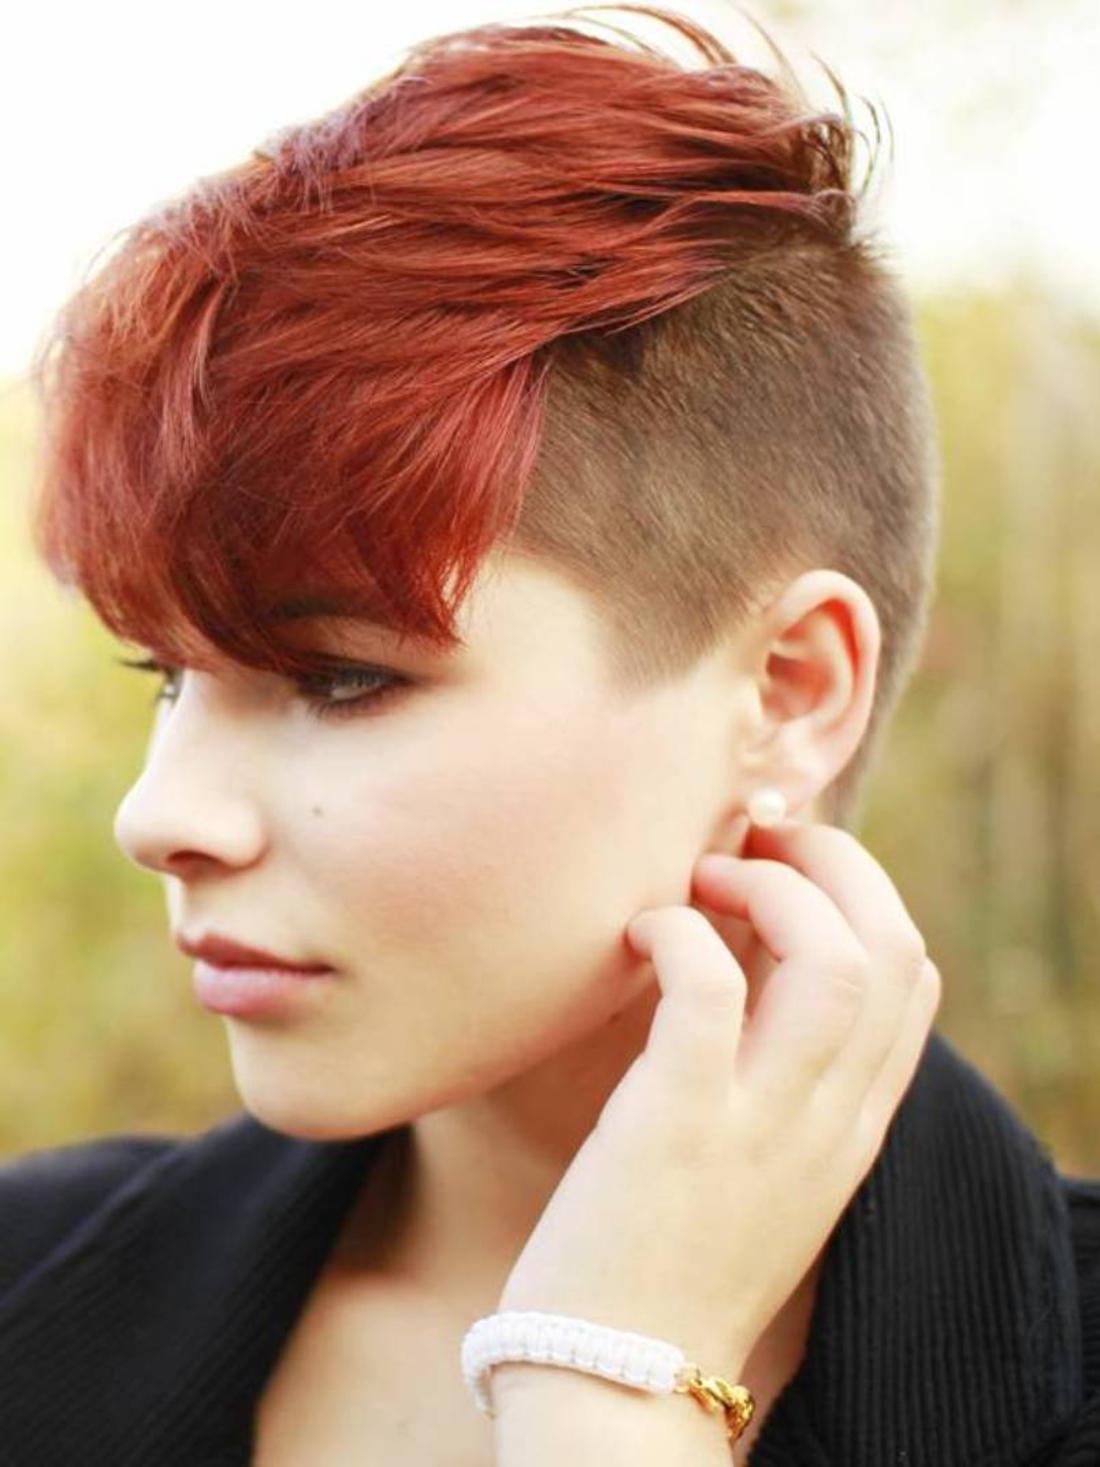 Undercut Frisuren Frauen kurze Haare in roter Farbe braune natürliche Haarfarbe Glasperlen Armband